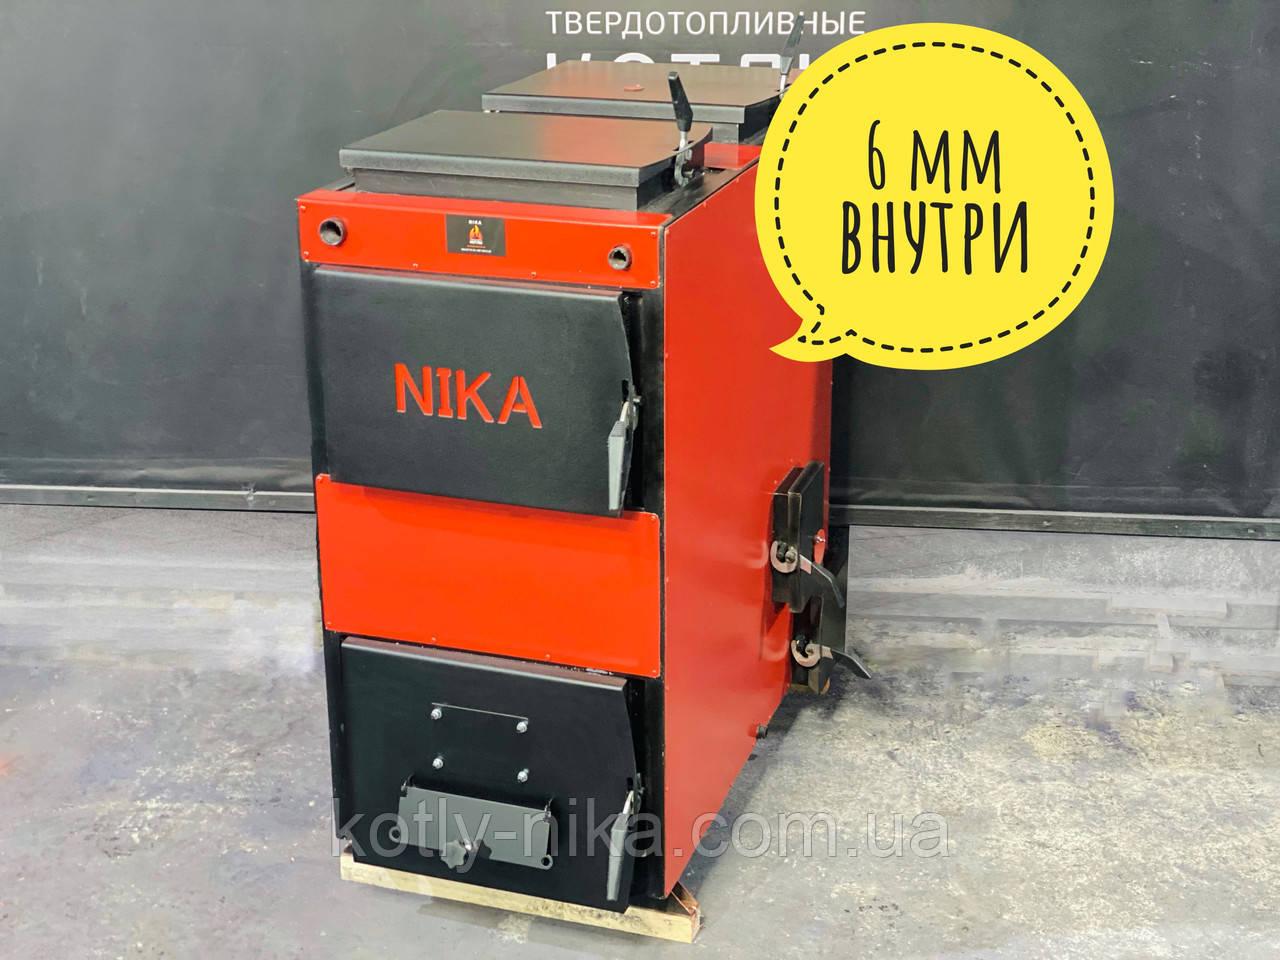 Котел Холмова Пітон Універсальний 15 кВт МЕТАЛ 6 мм